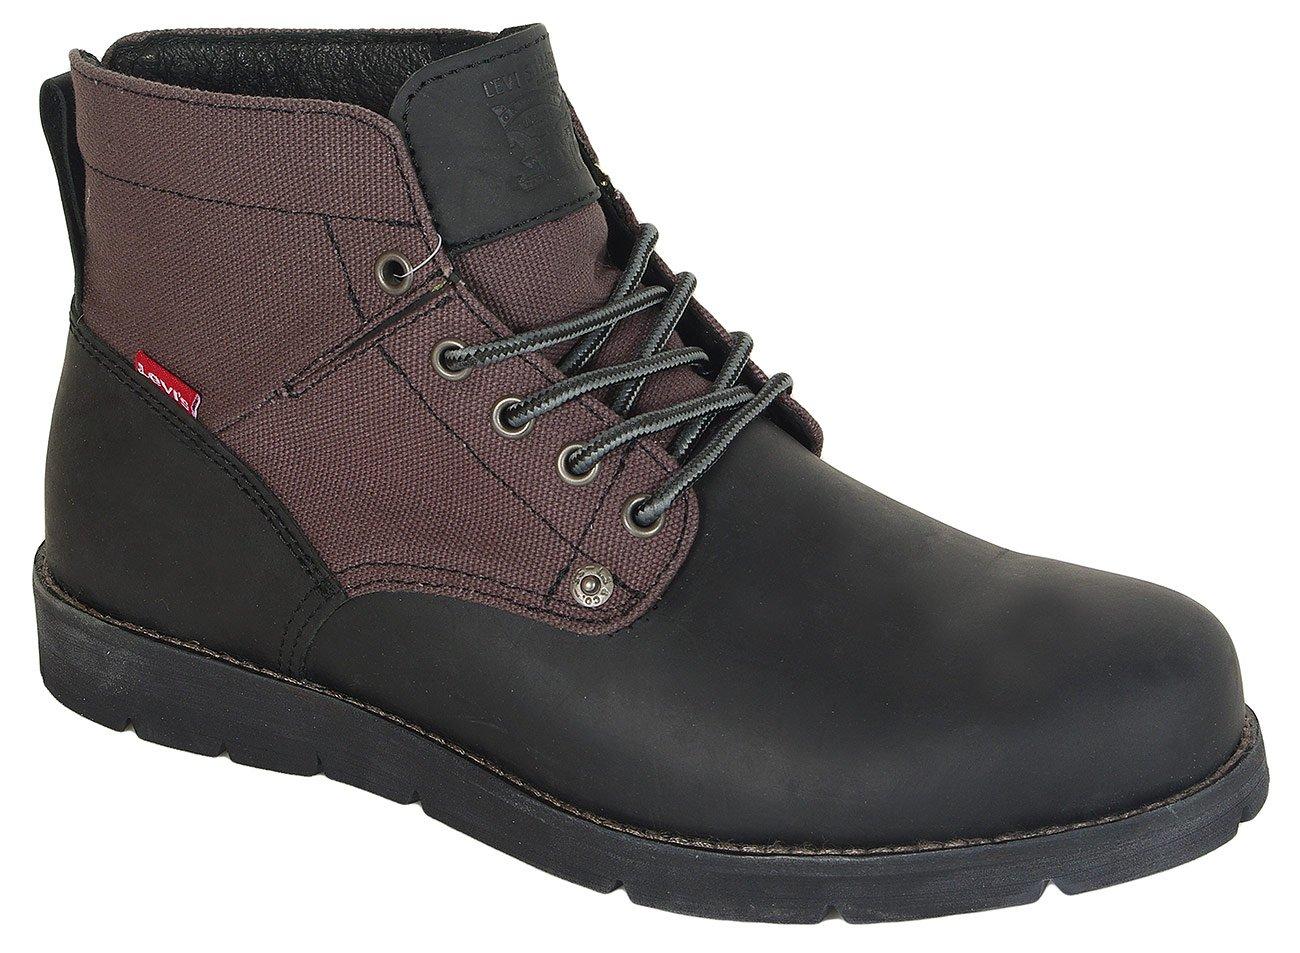 Levis Jax trzewiki brilliant black boots